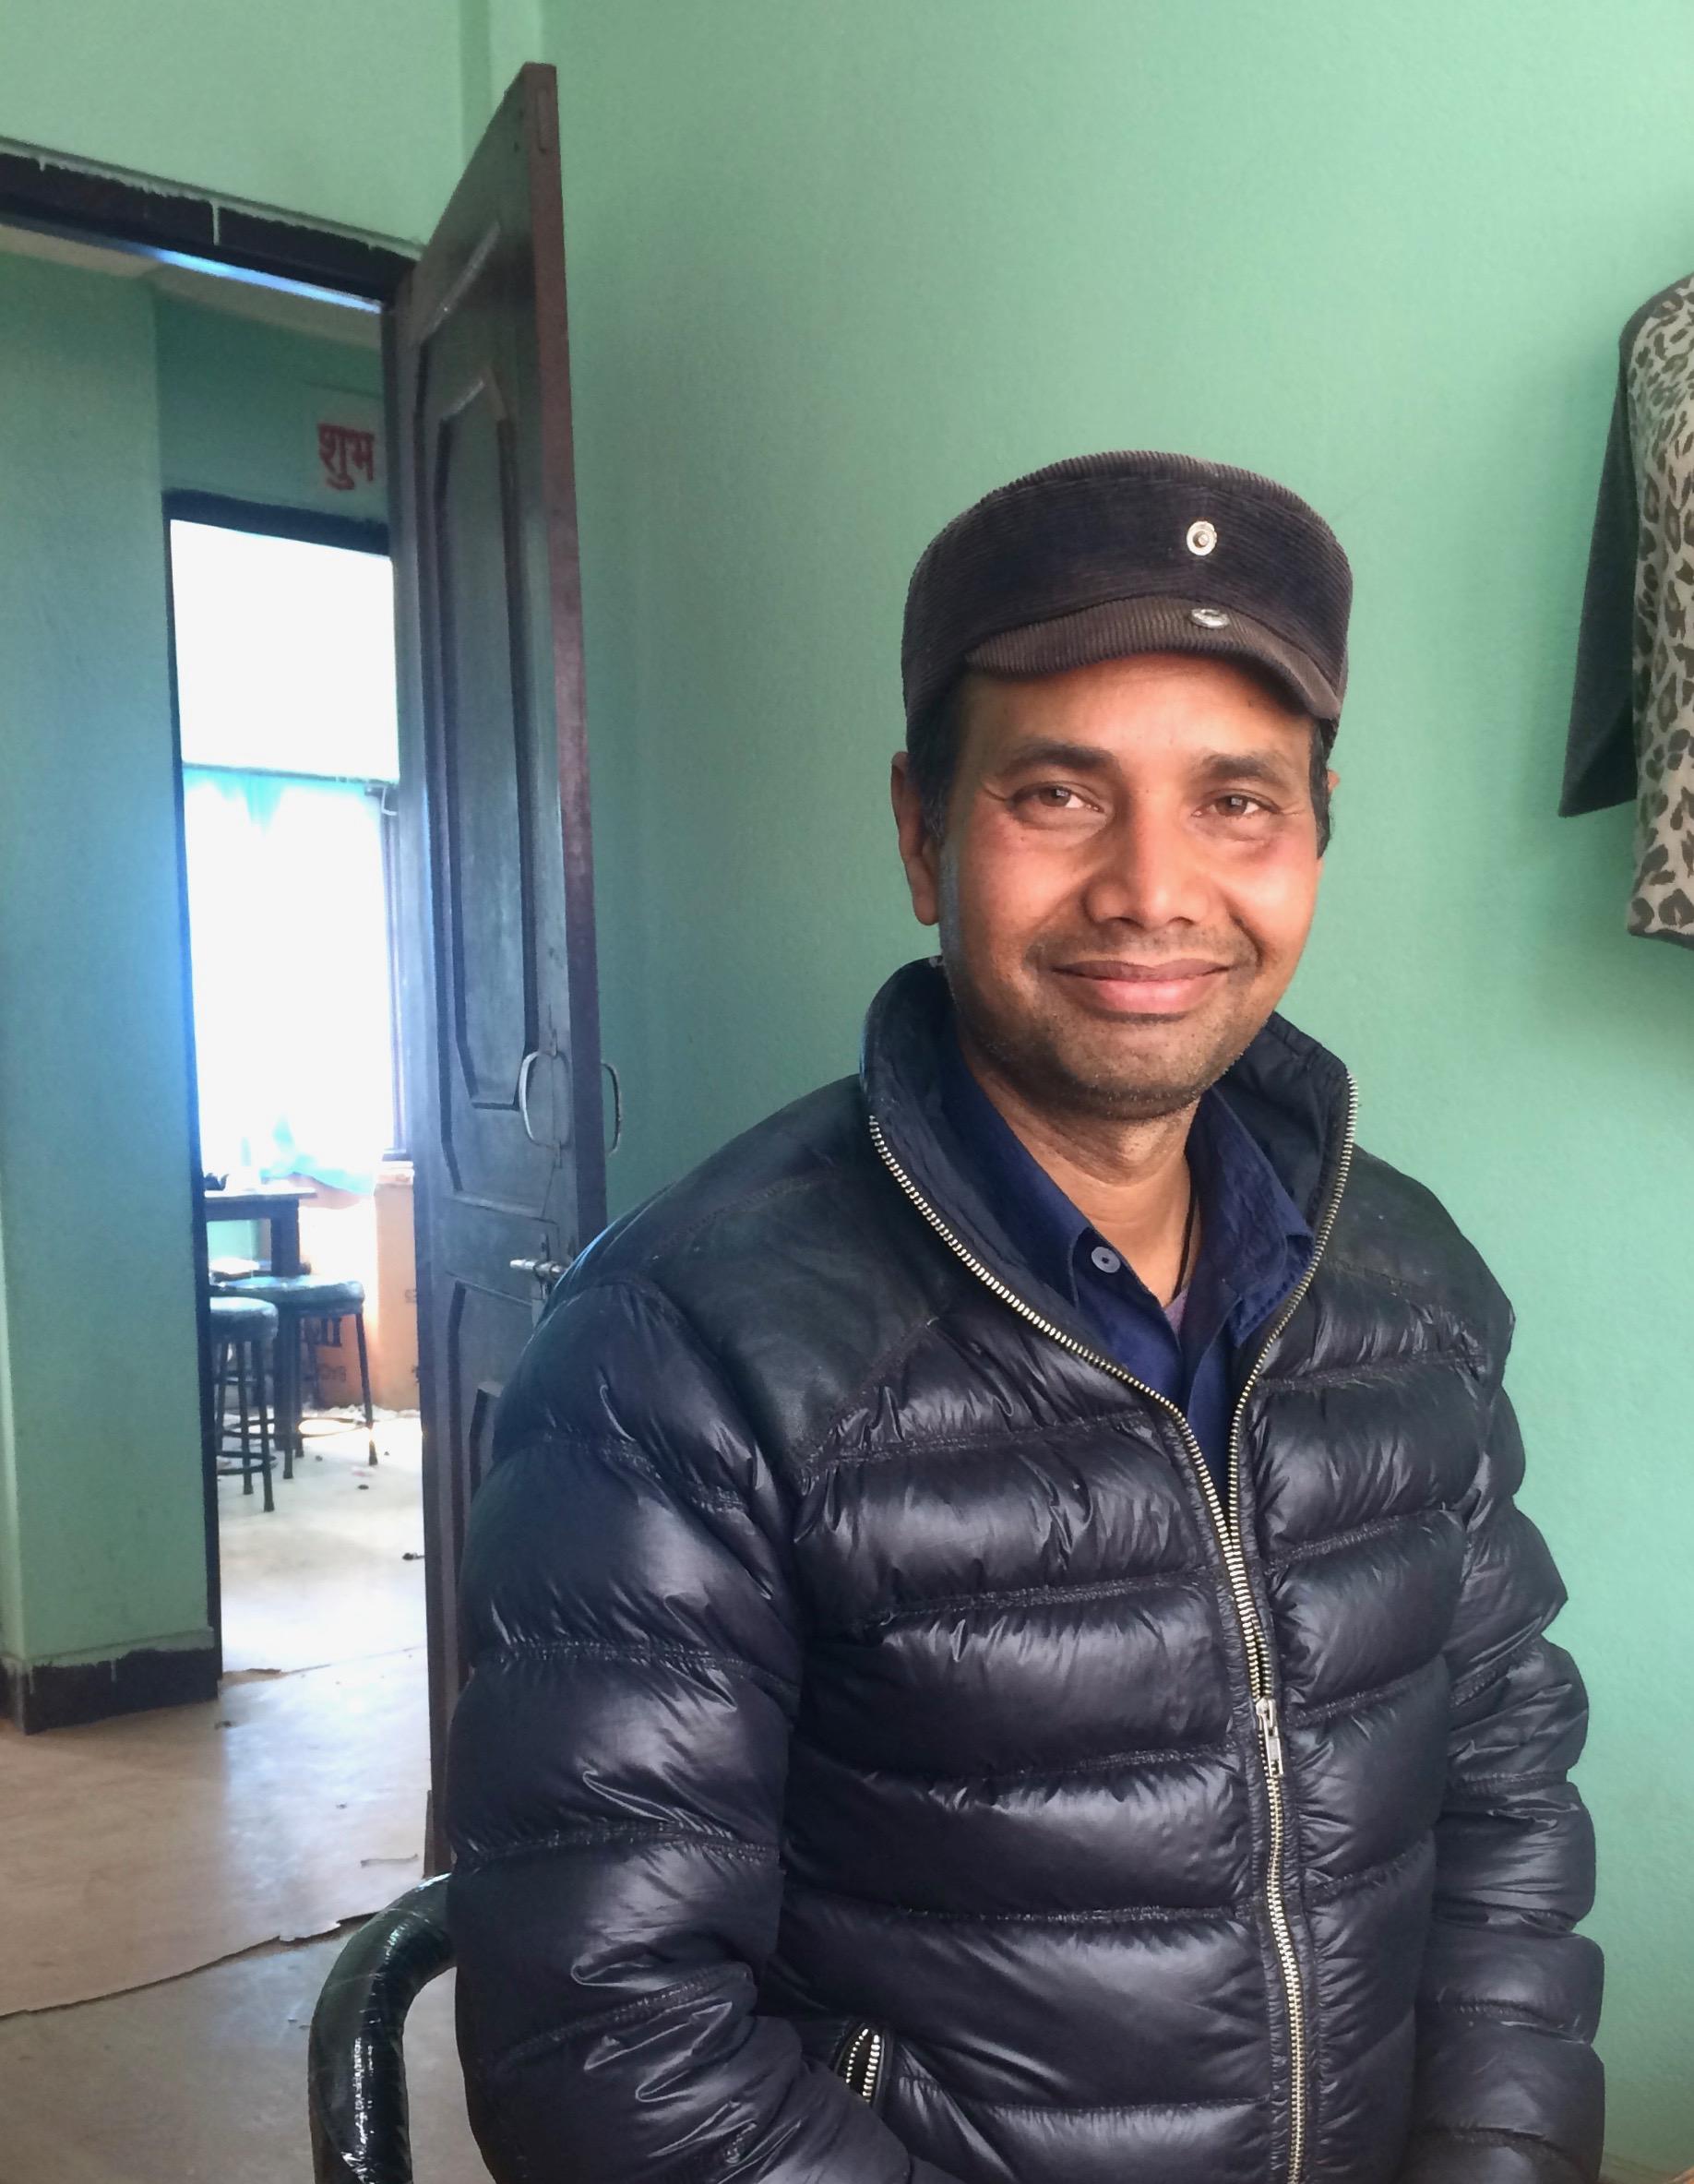 Ganga at his work table